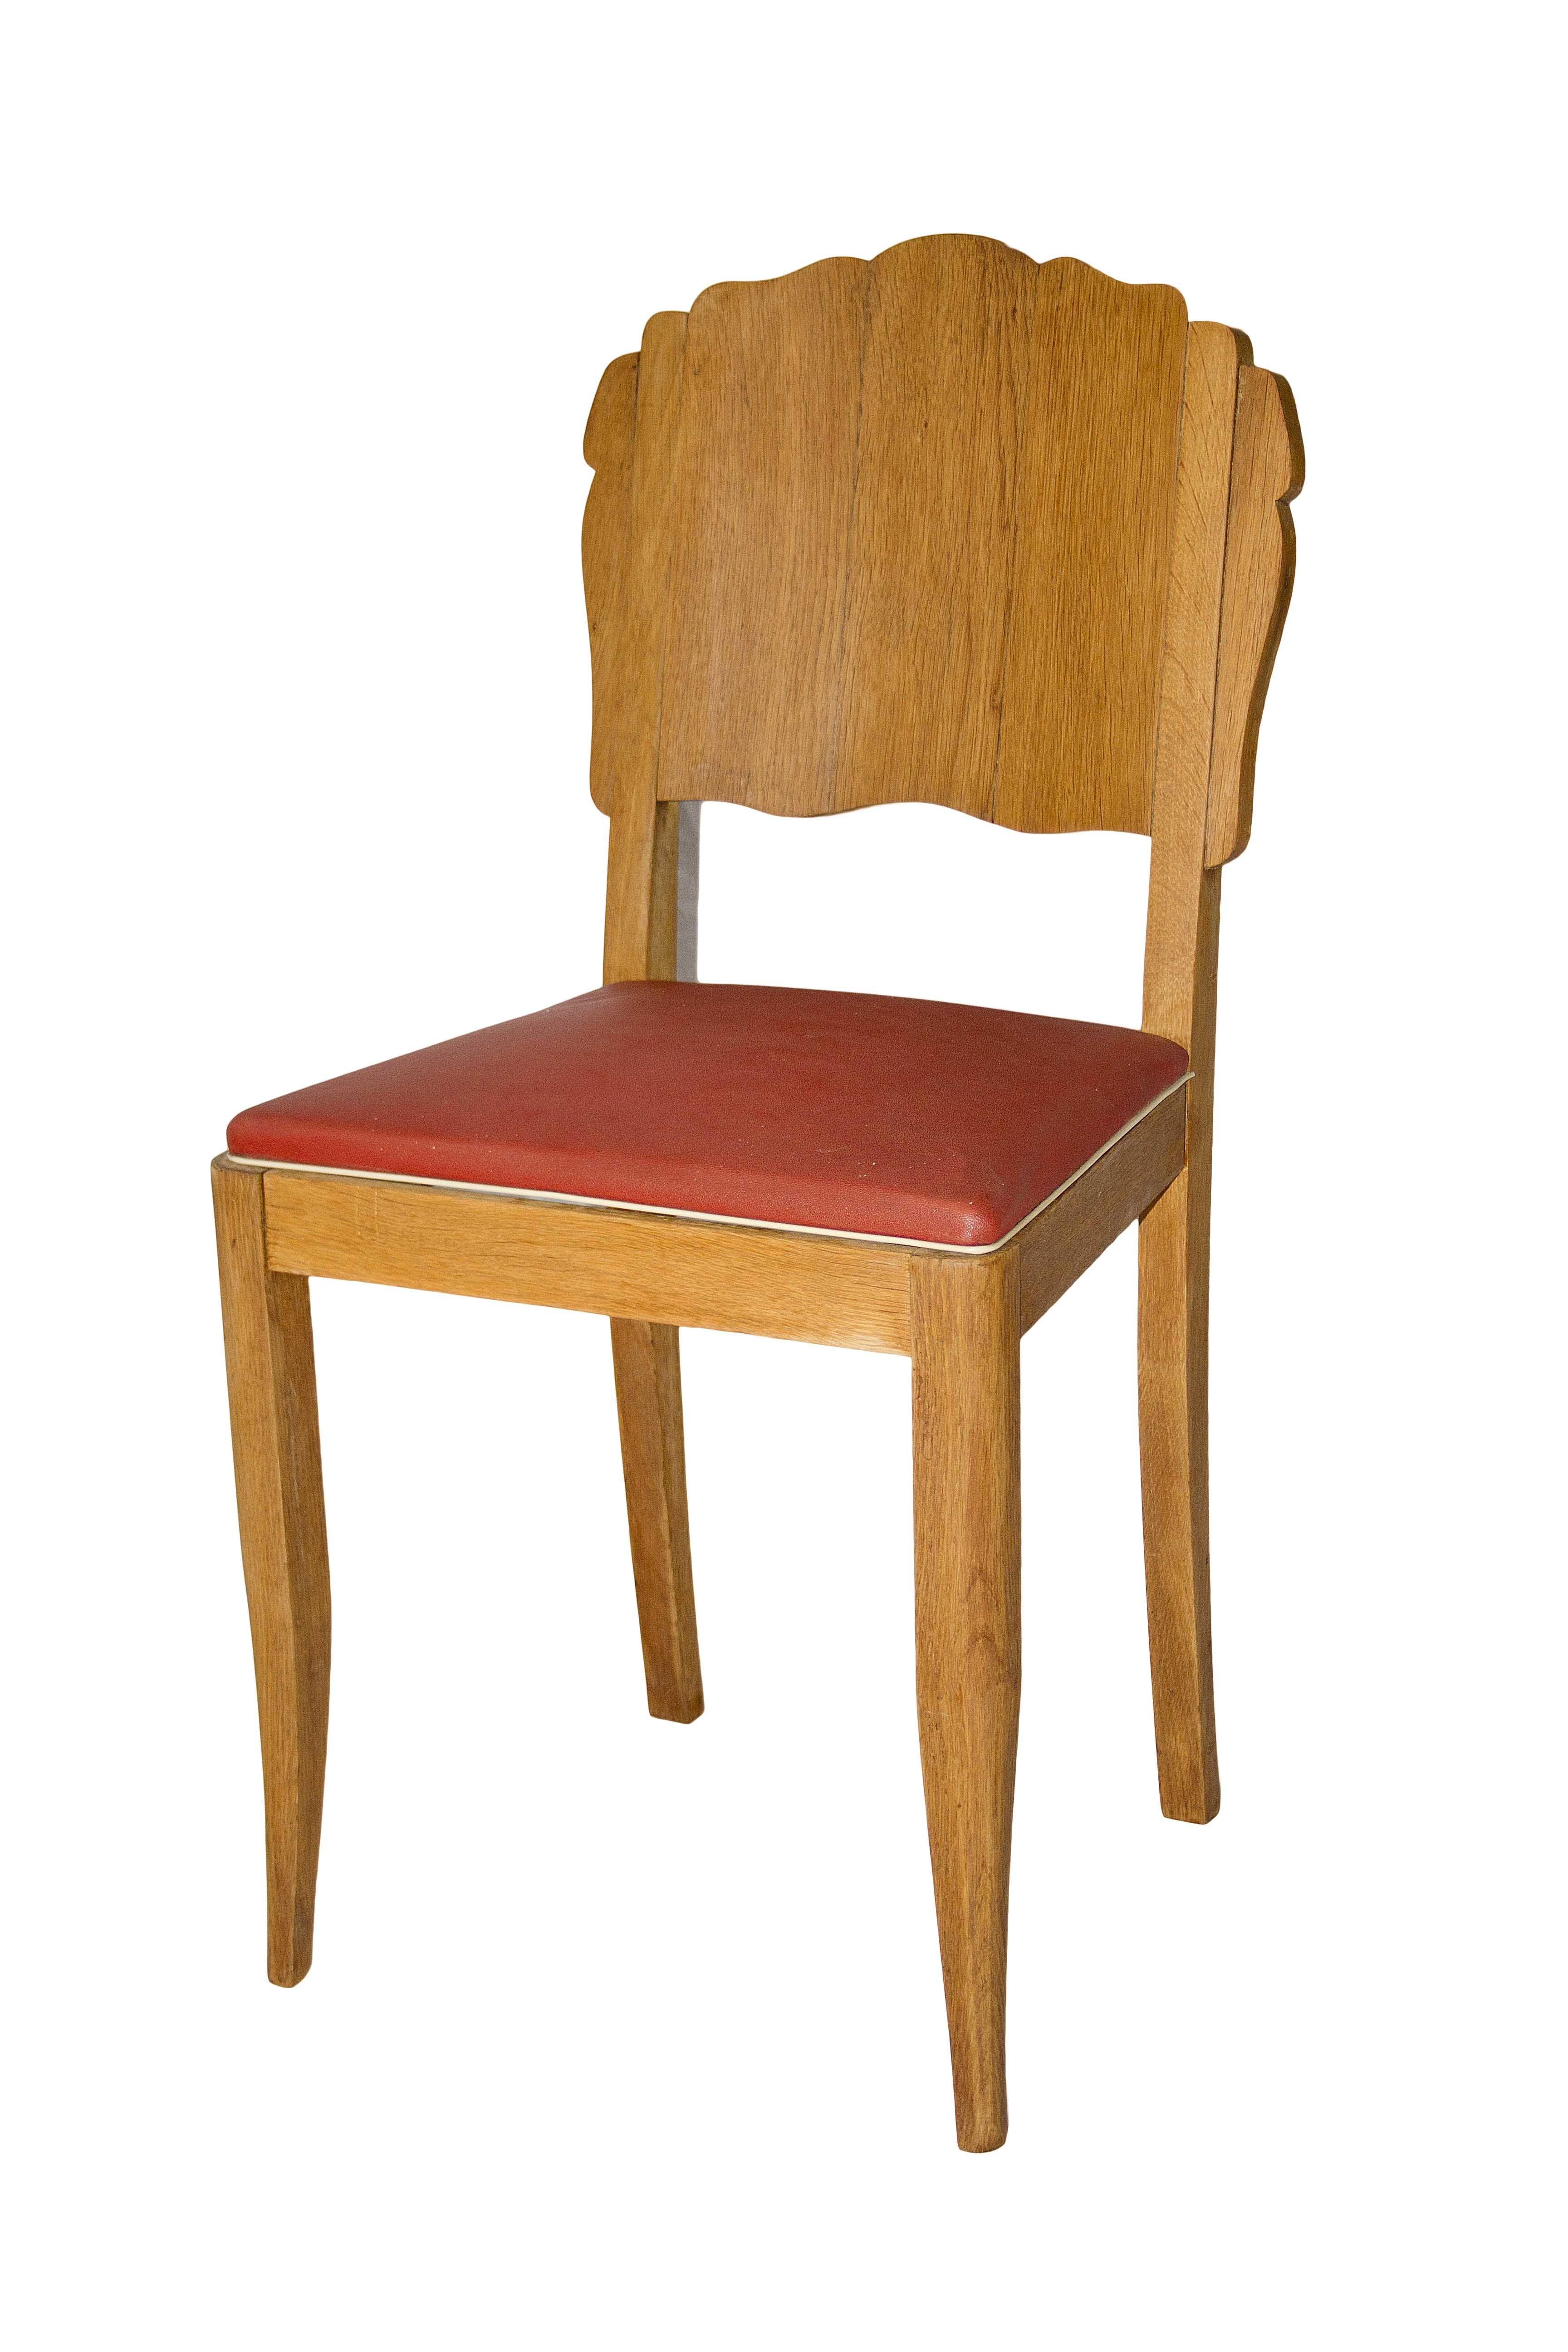 Coqueta #silla cincuentera realizada en madera de roble. Asiento en rojo que dará un aspecto muy chic a cualquier rincón de tu casa.